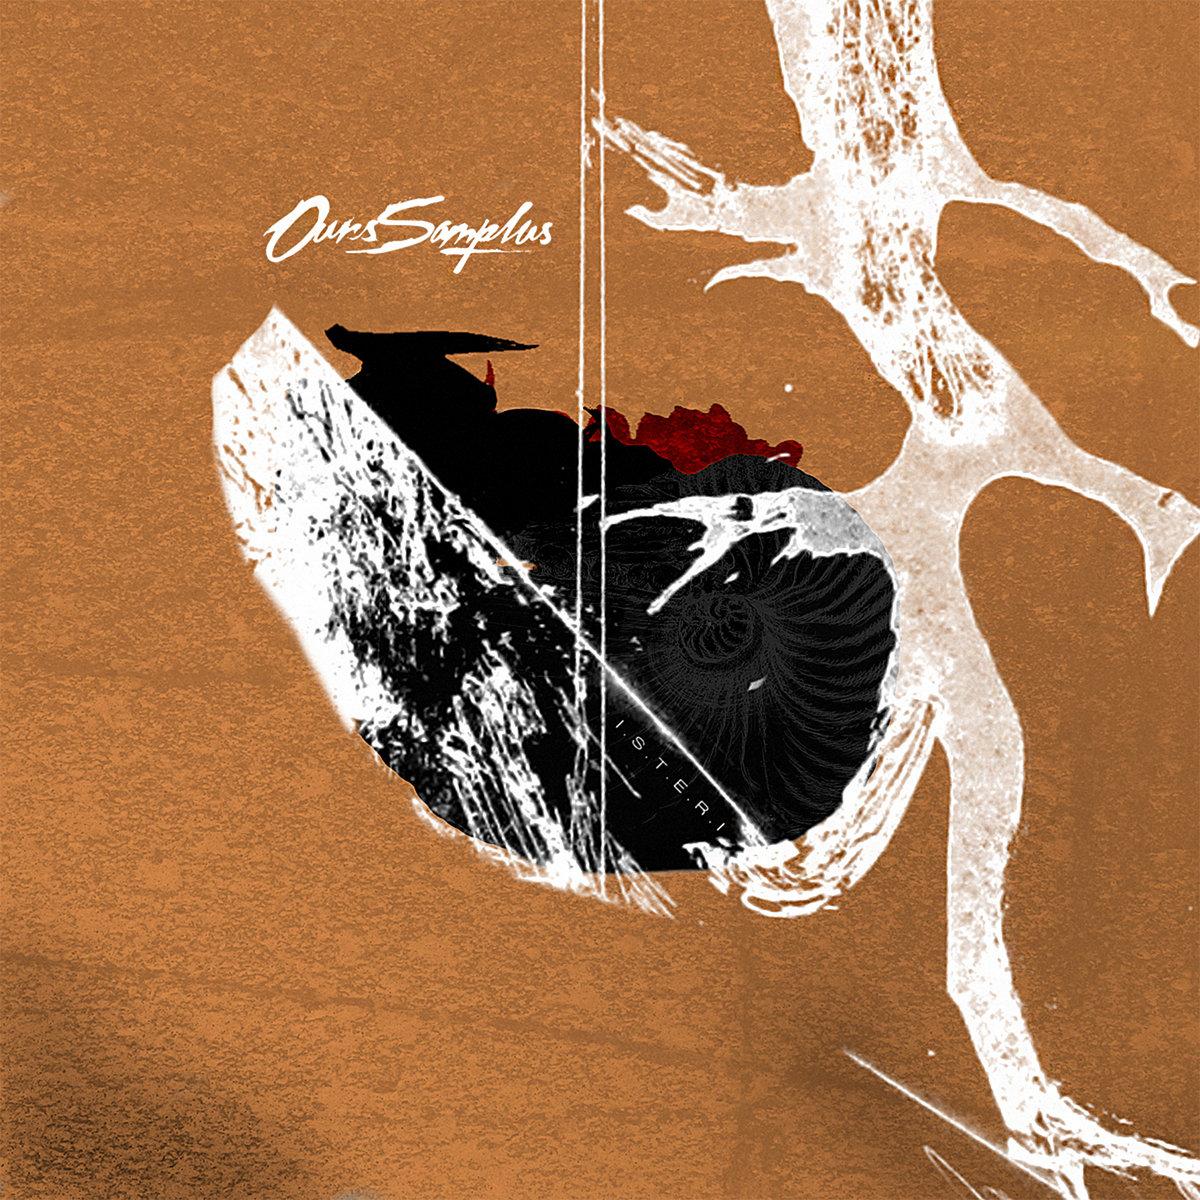 album ours samplus